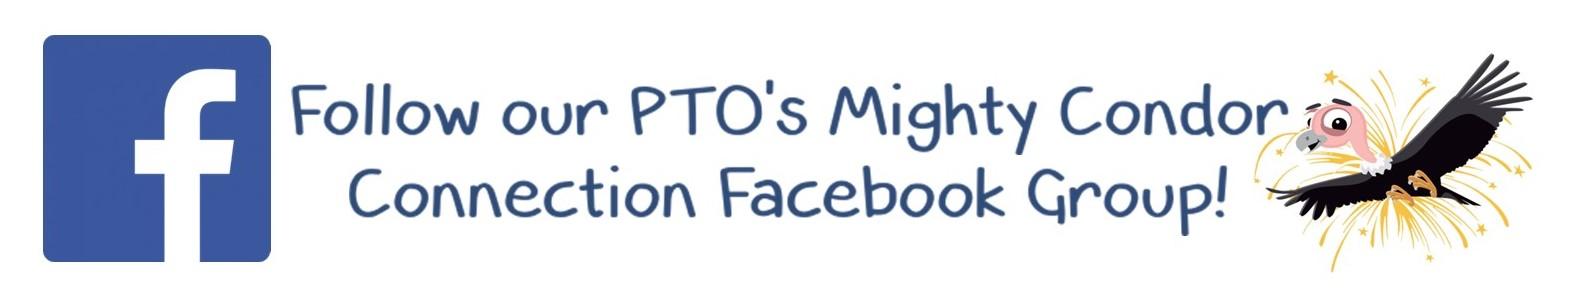 facebookgroup link